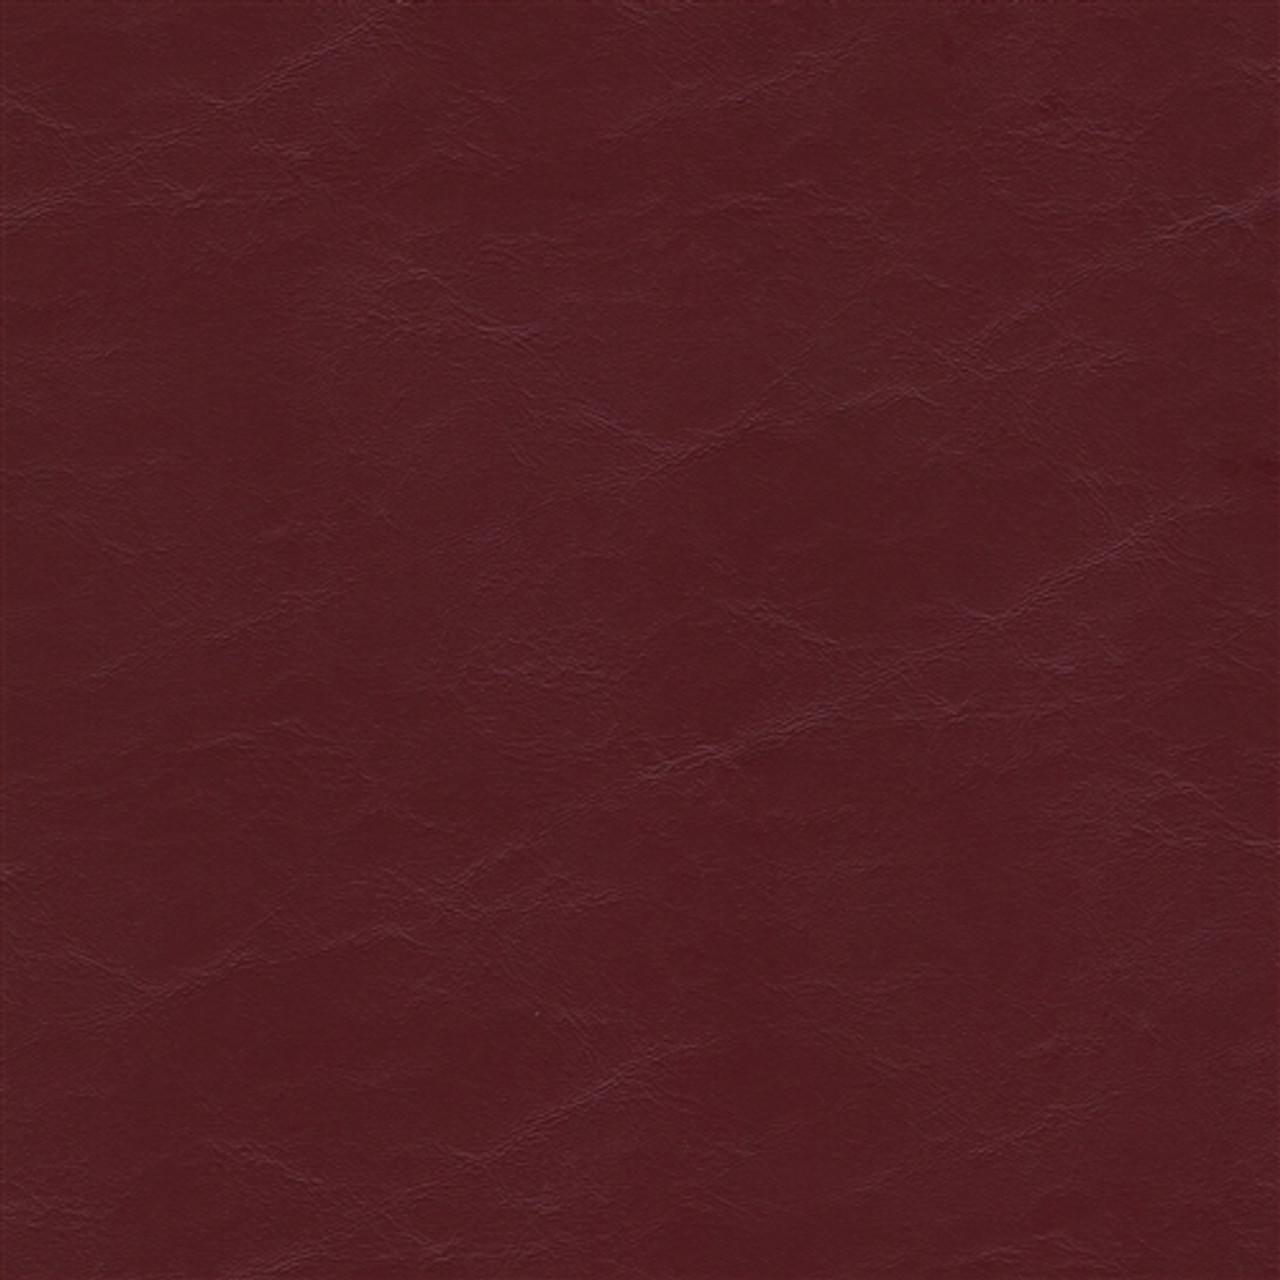 EZ Vinyl EZY-5816 Wallaby Maroon